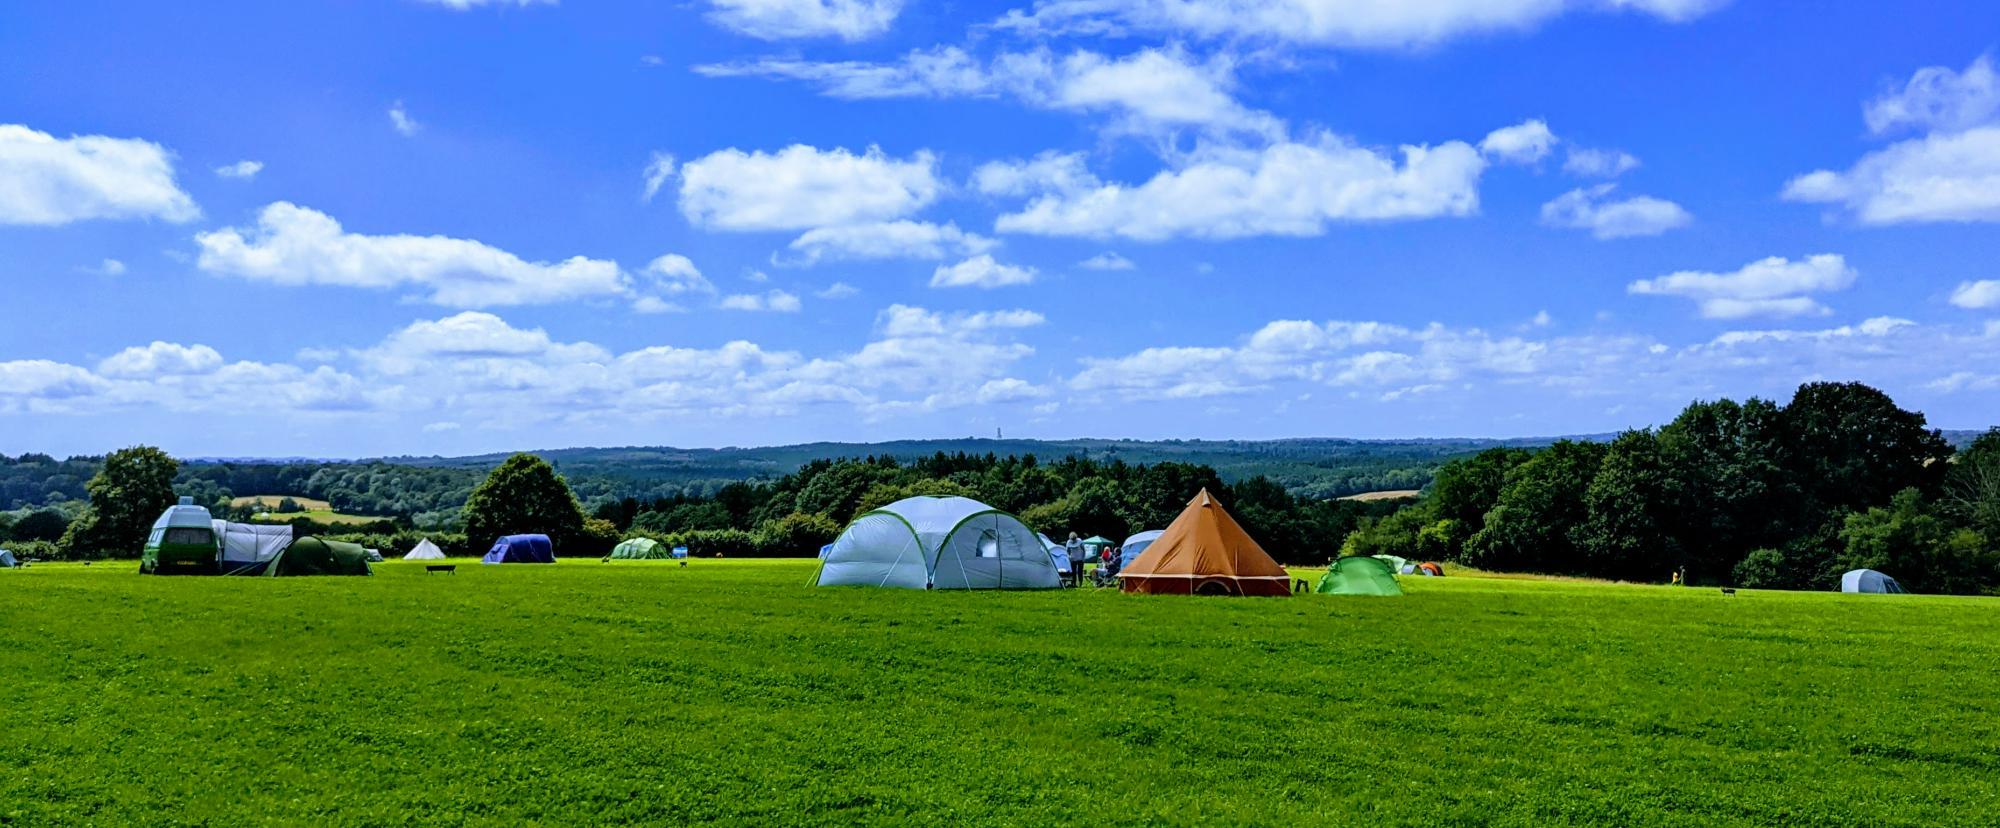 Campsites in Tunbridge Wells – Cool Camping